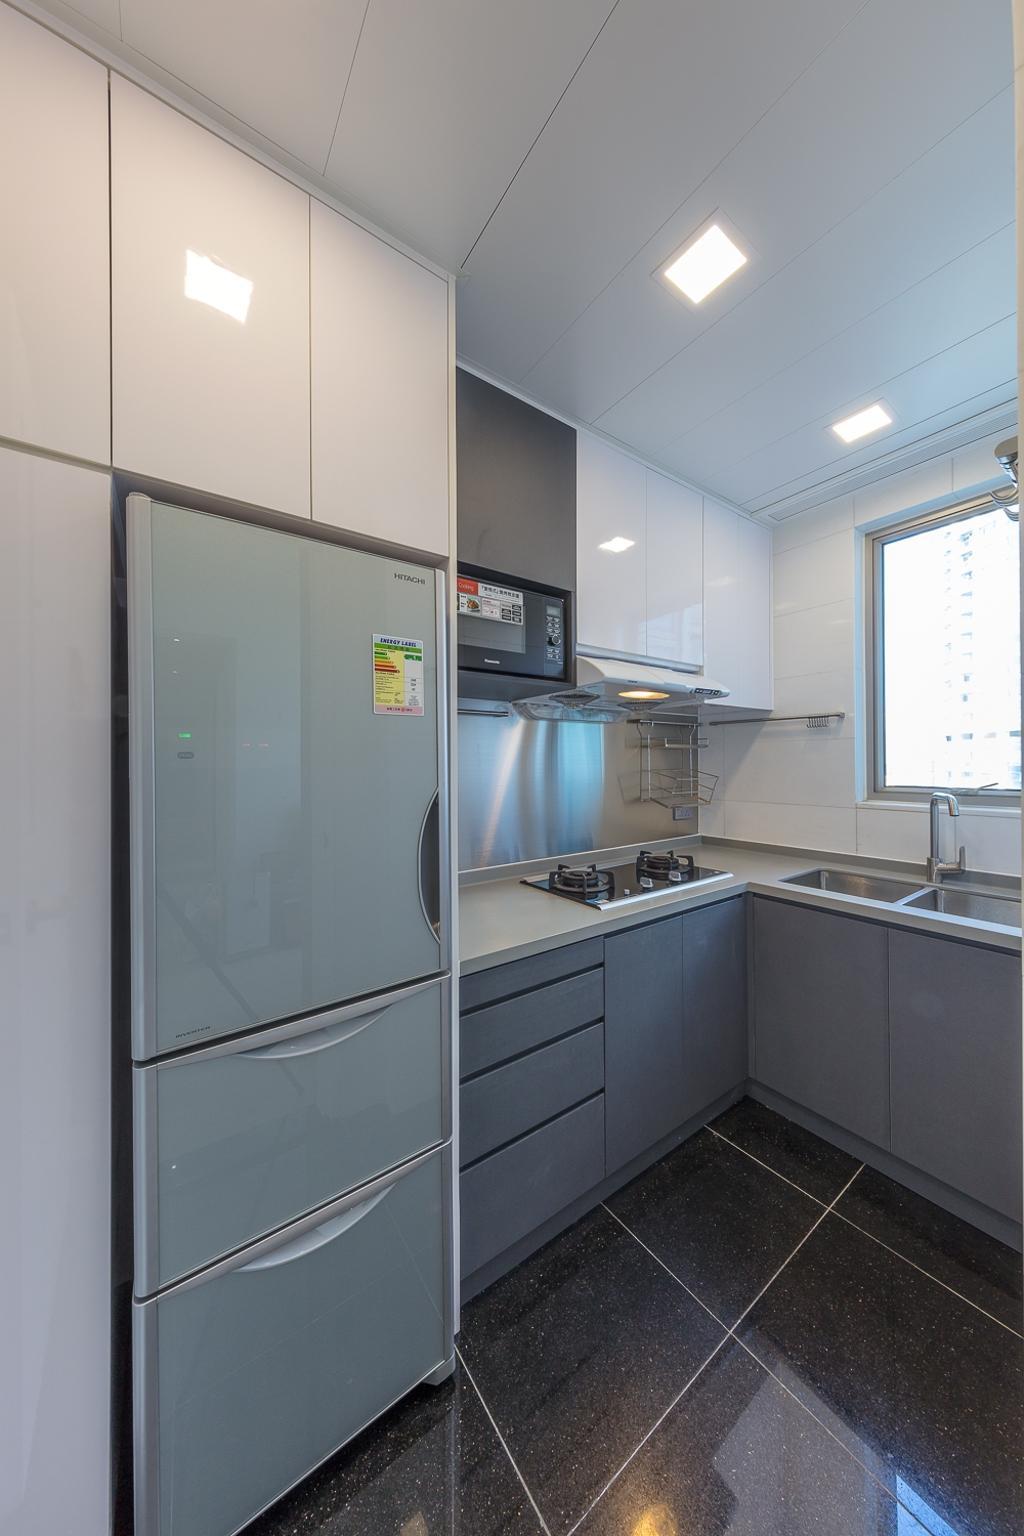 摩登, 私家樓, 廚房, 一號銀海, 室內設計師, 和生設計, Appliance, Electrical Device, Fridge, Refrigerator